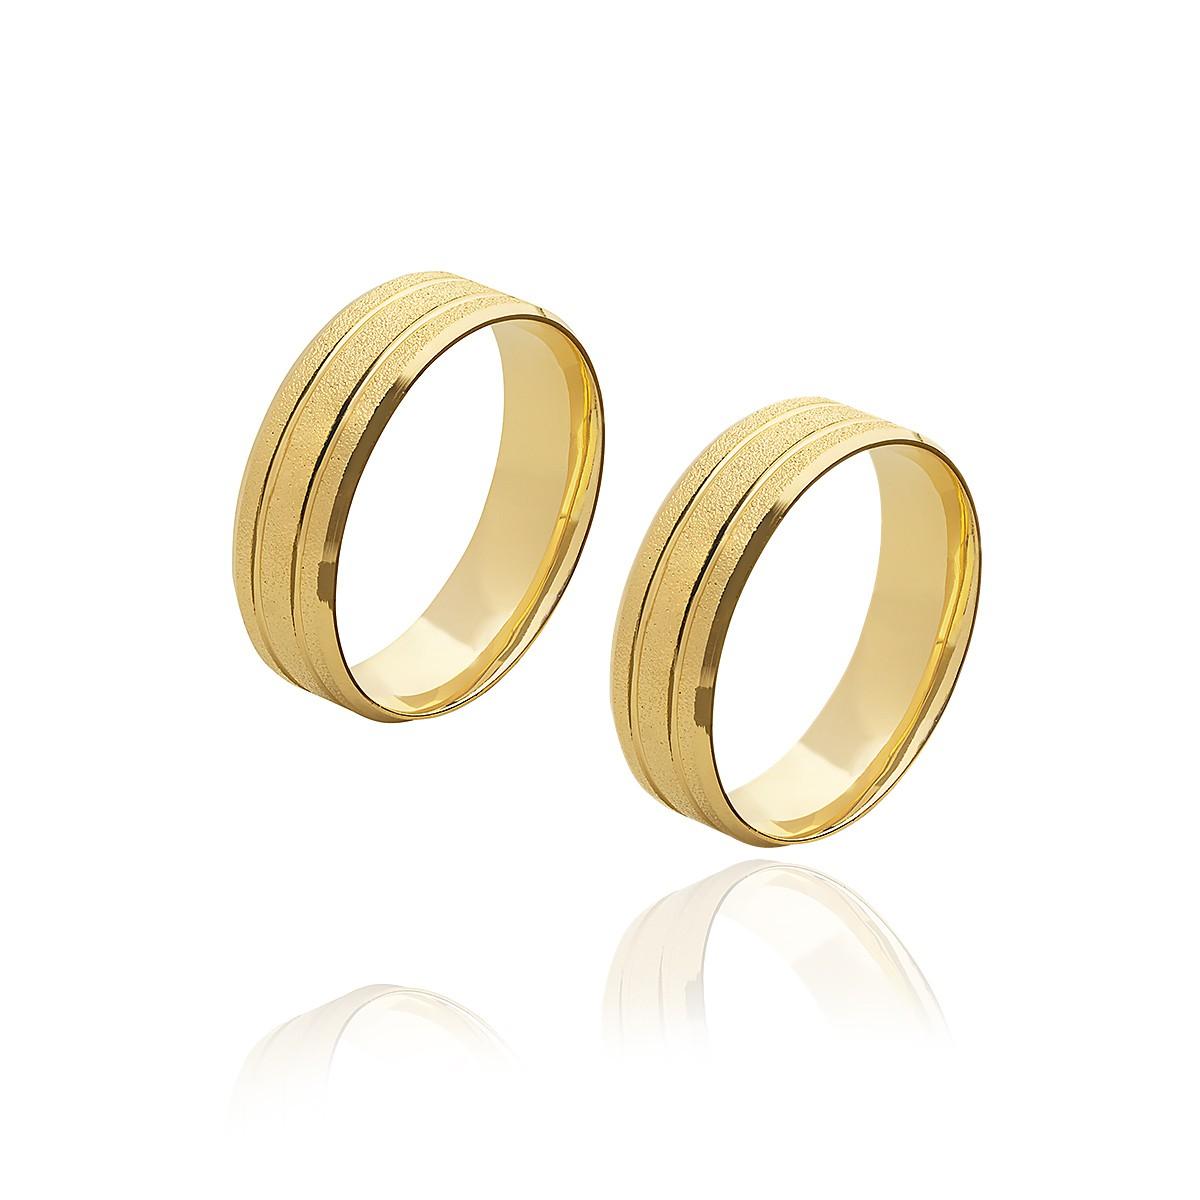 Par de Aliancas de Ouro 18K abauladas diamantadas com 2 frisos com 5 mm e 5g